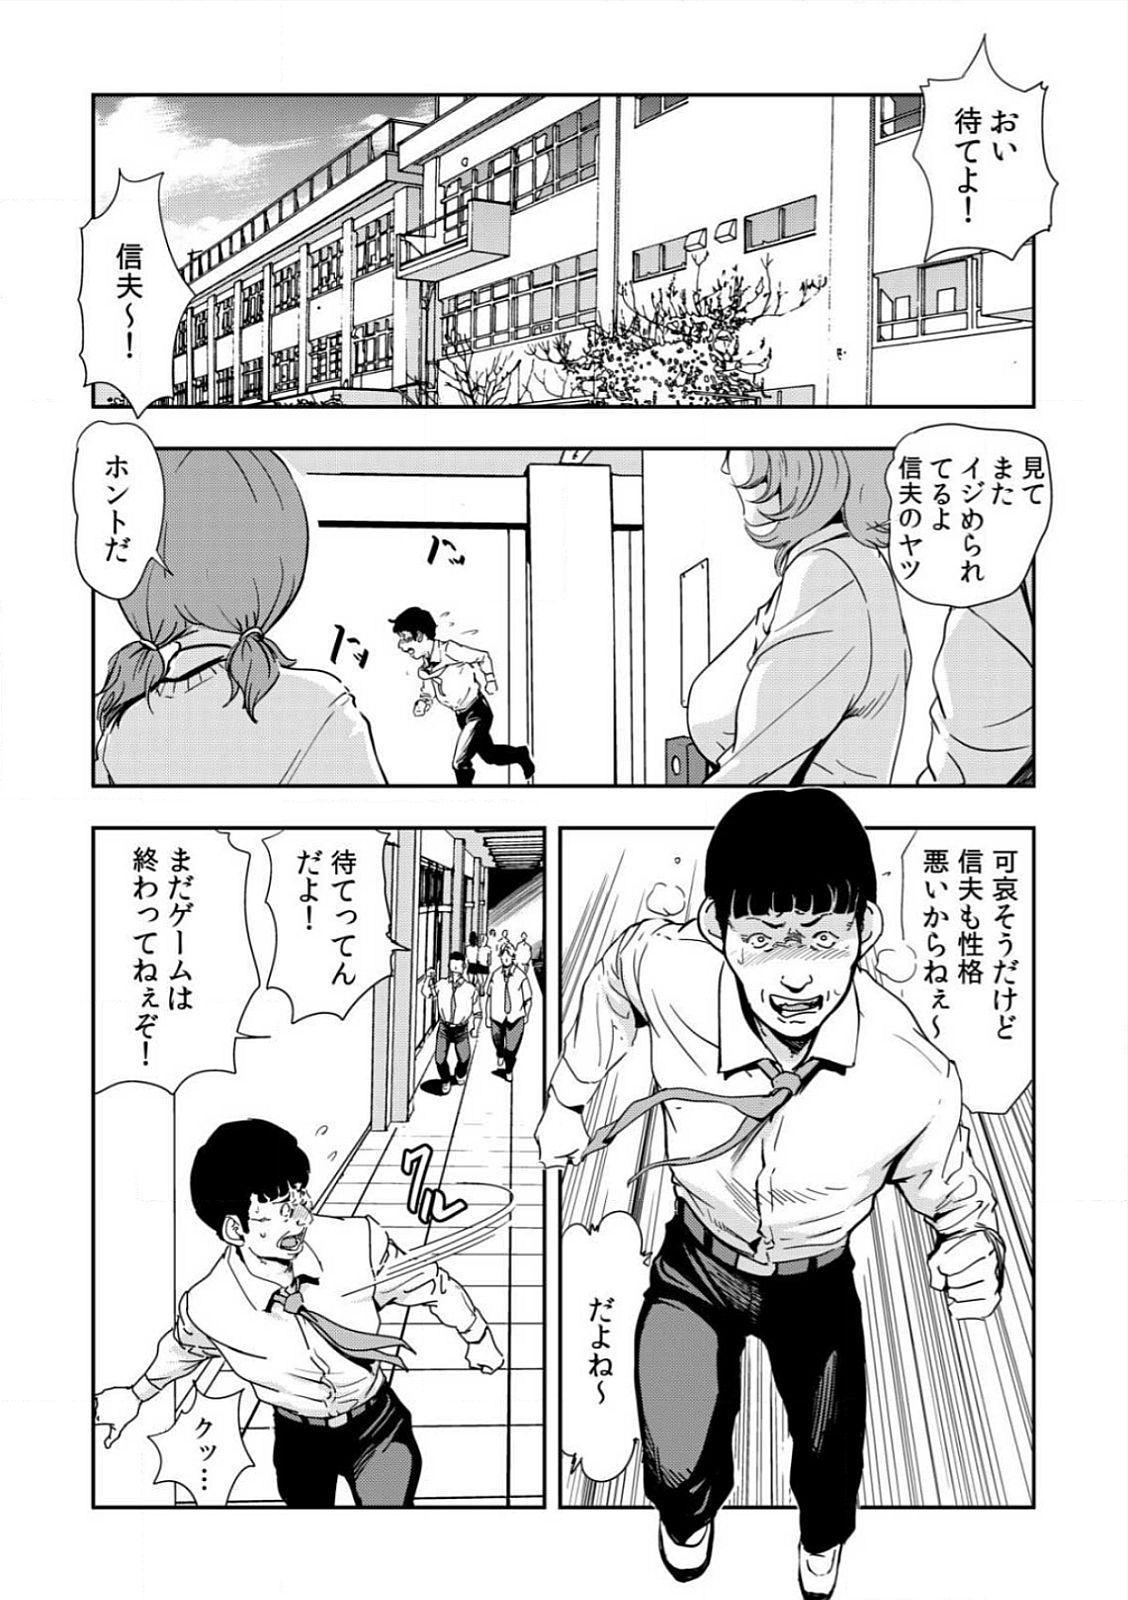 [Misaki Yukihiro] Kyousei Shidou ~Mechakucha ni Kegasarete~ (1)~(6) [Digital] 80